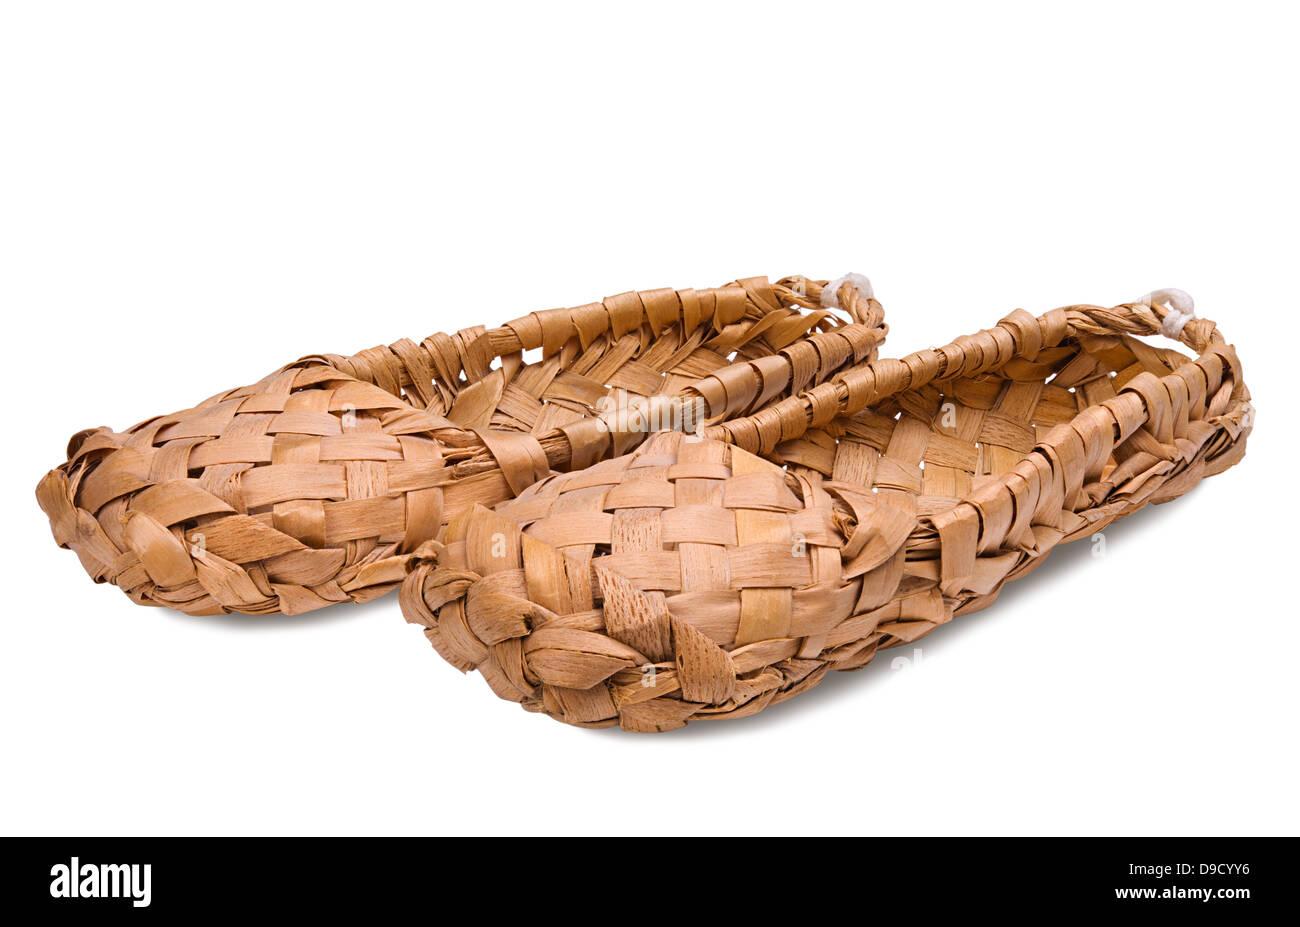 Pagina 1 di 2. Vecchio Tiglio russo scarpe isolati su sfondo bianco  Immagini Stock dac91fa0125